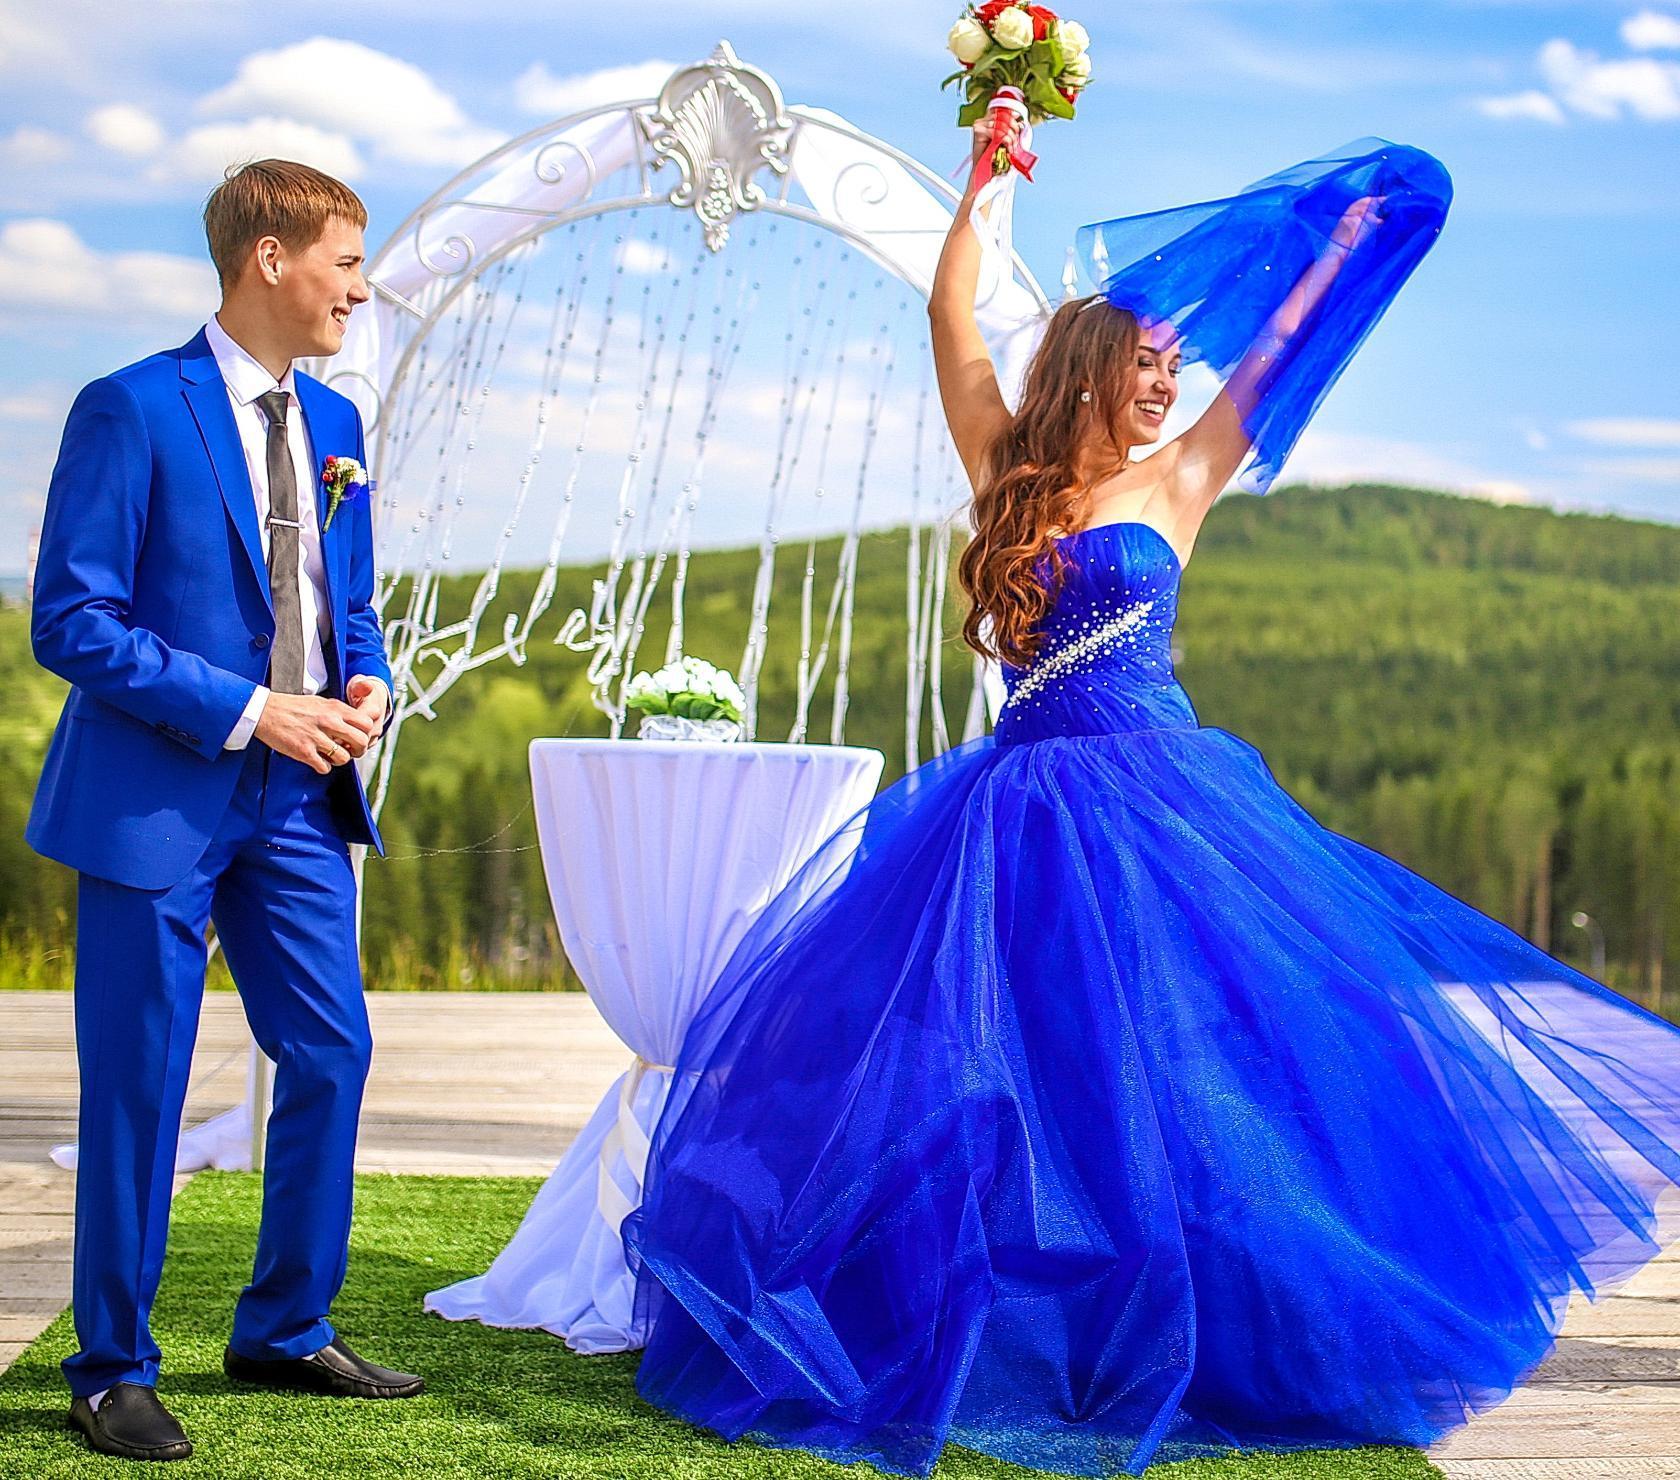 Imagini pentru nunta albastră